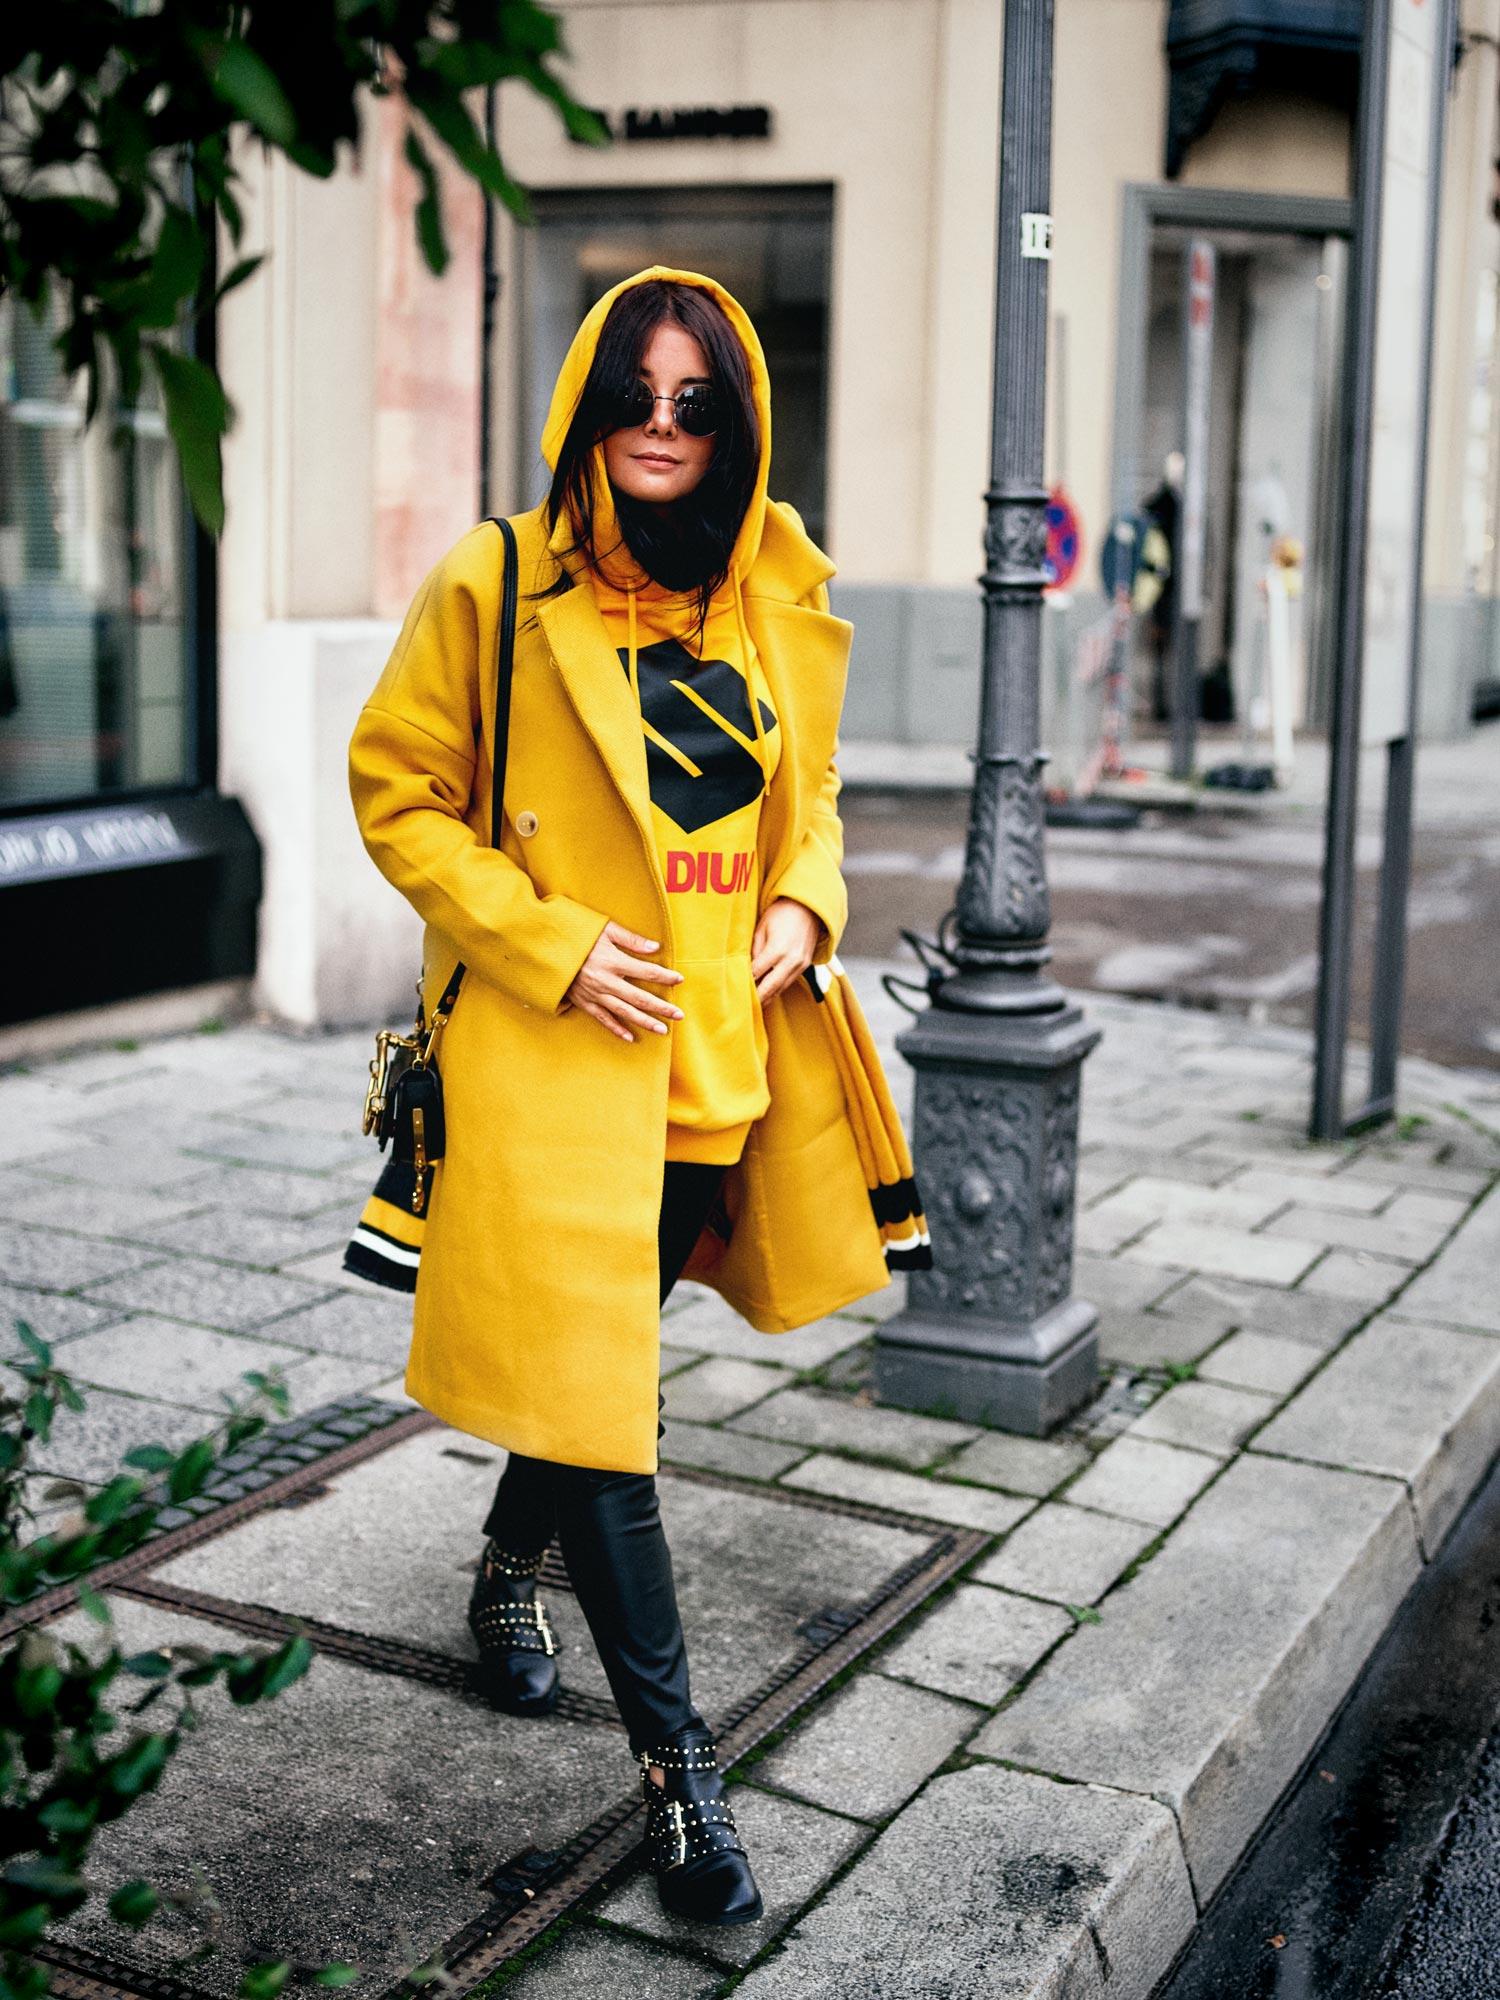 bloggerdeutschland-fashionblogger-lifestyleblogger-beautyblogger-fashion-blogger-modeblogger-modeblog-munich-blog-muenchen-hoddie-special